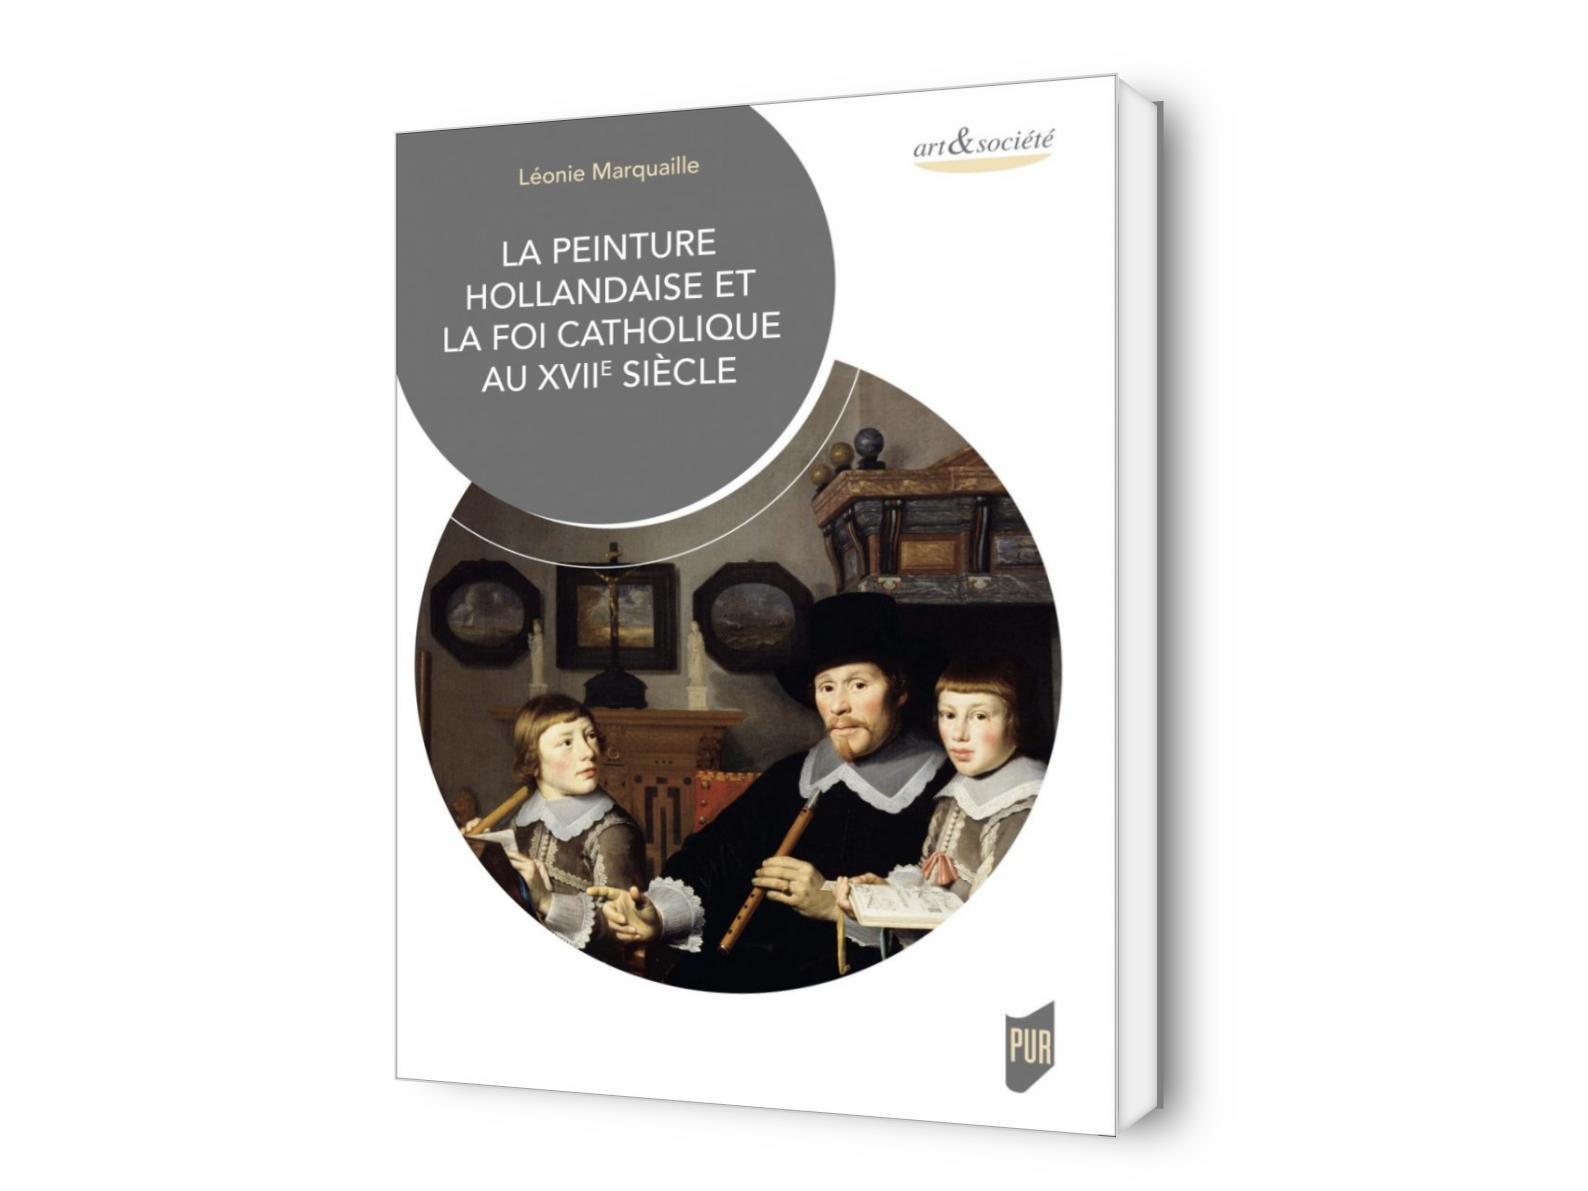 La Peinture Hollandaise Et La Foi Catholique Au Xviie Siècle News